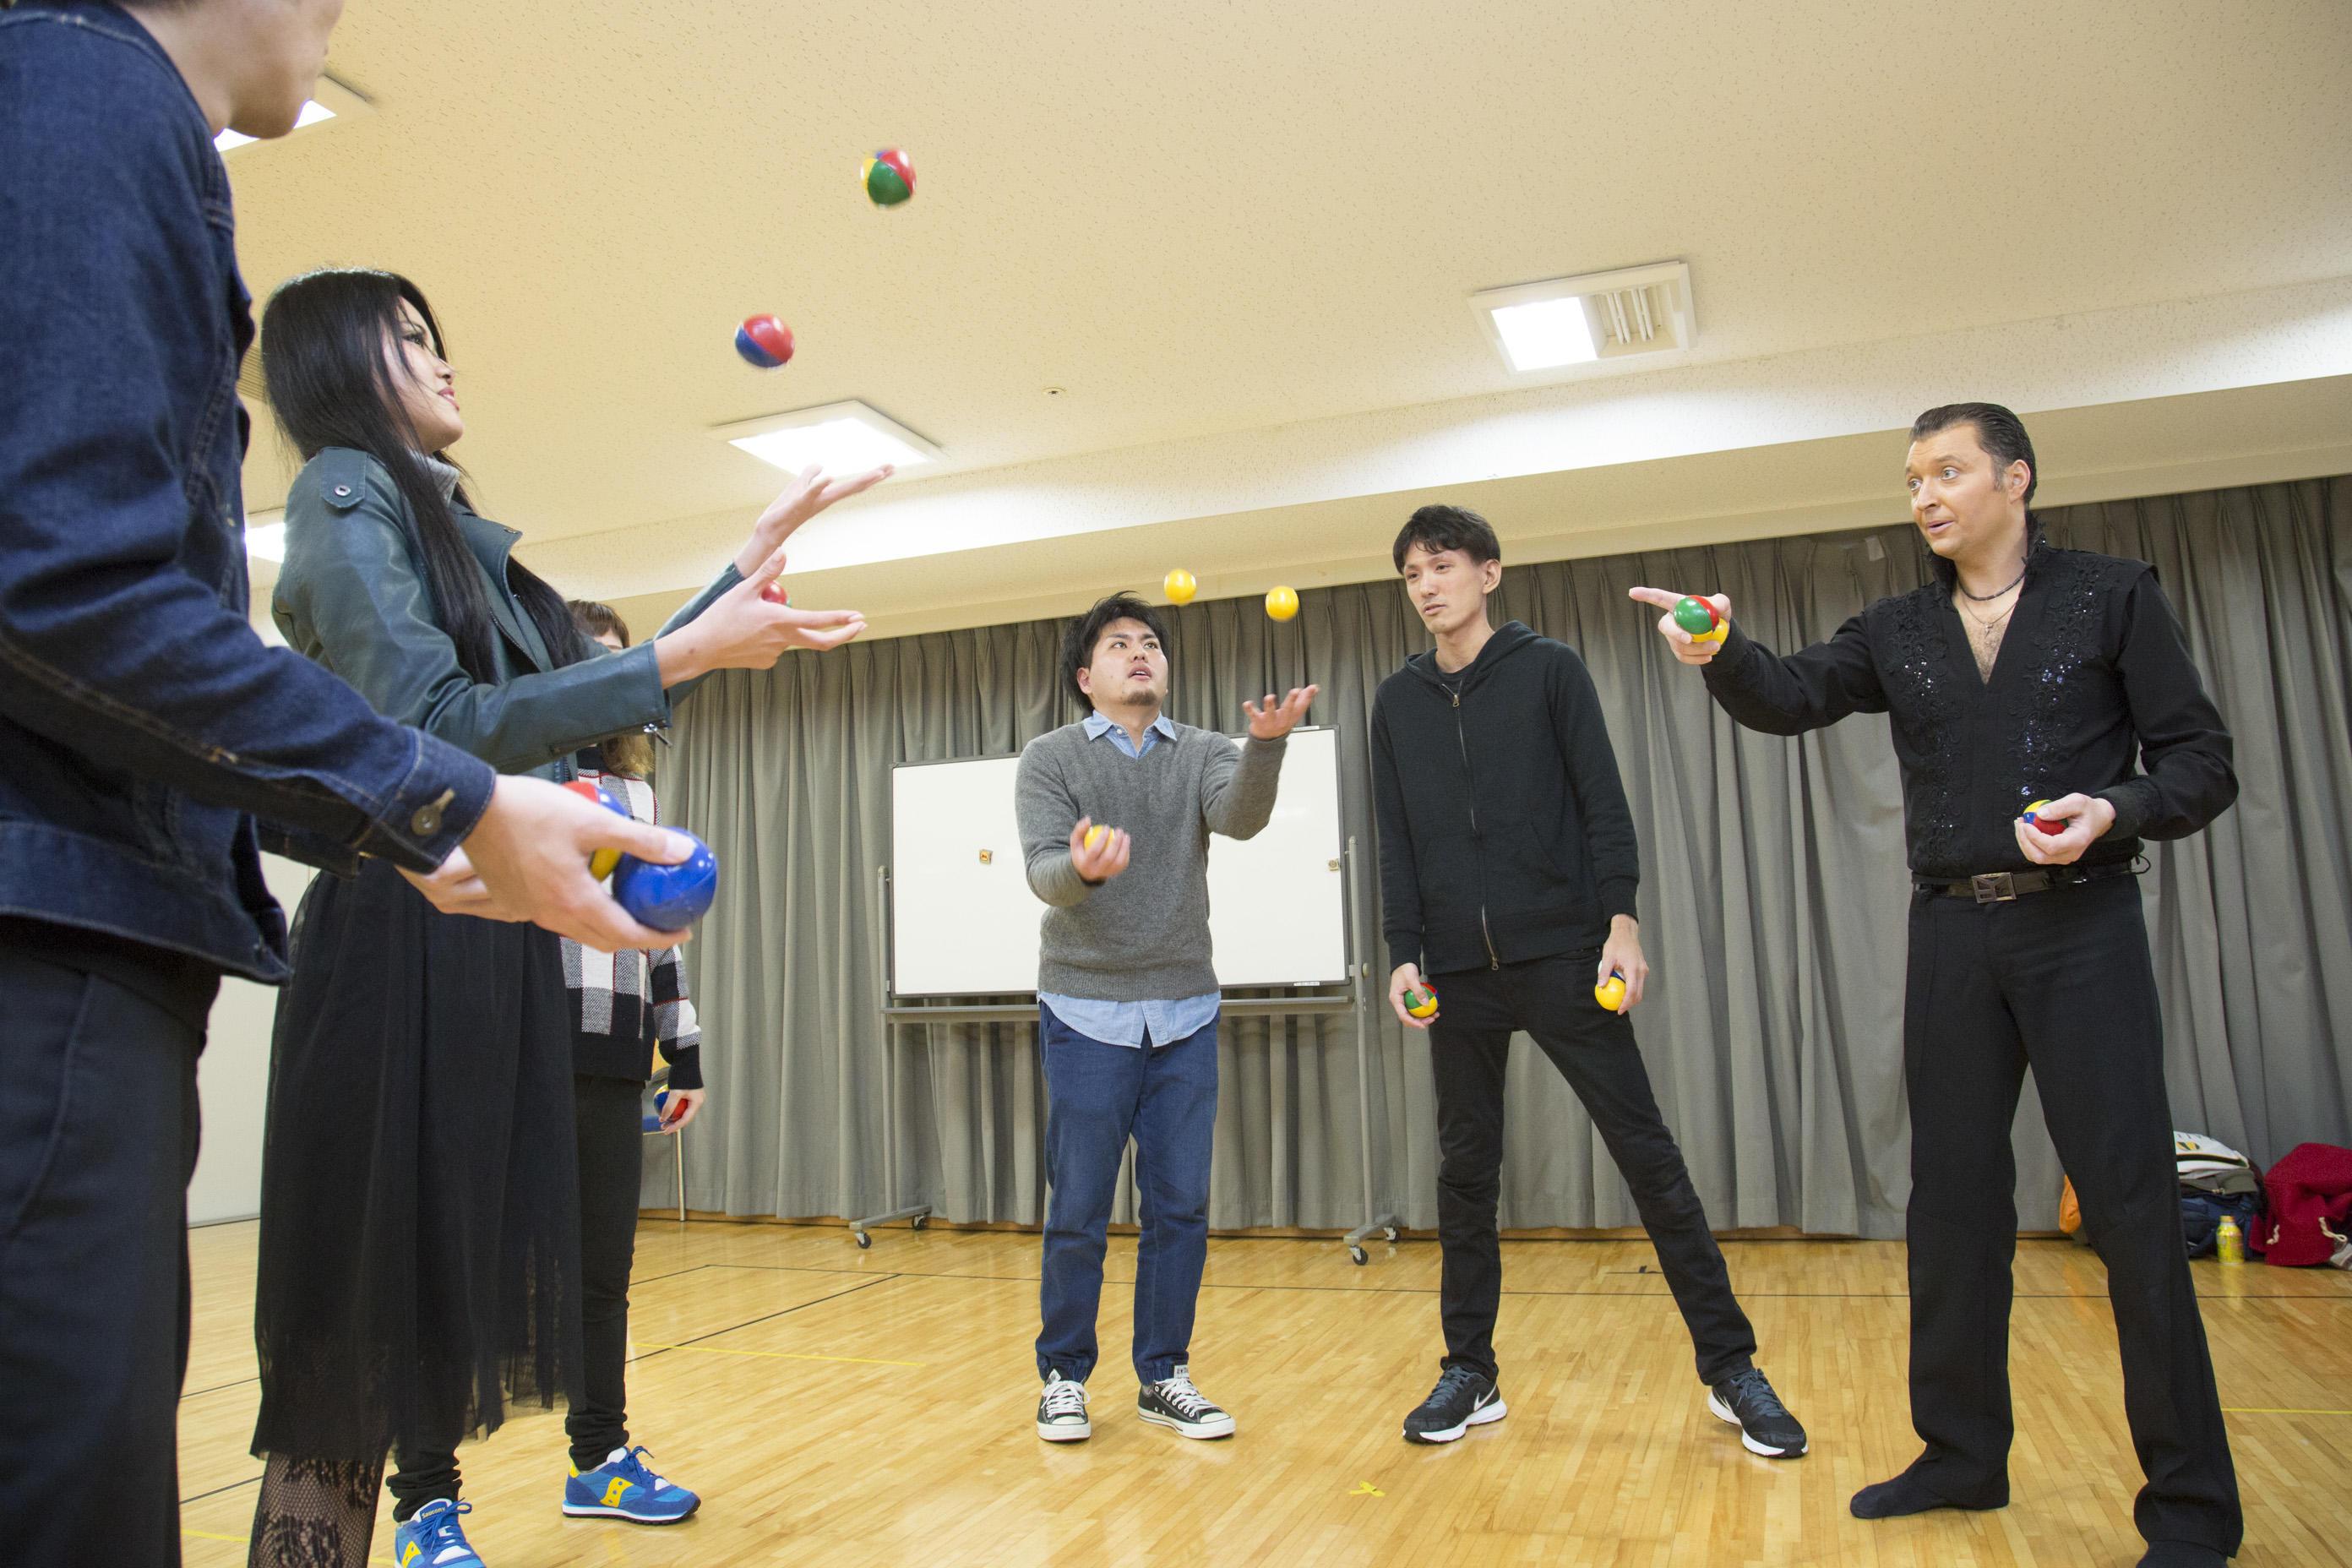 http://news.yoshimoto.co.jp/20170228171539-d74704f868d234fb0d70b5e4462e94e9d004efec.jpg